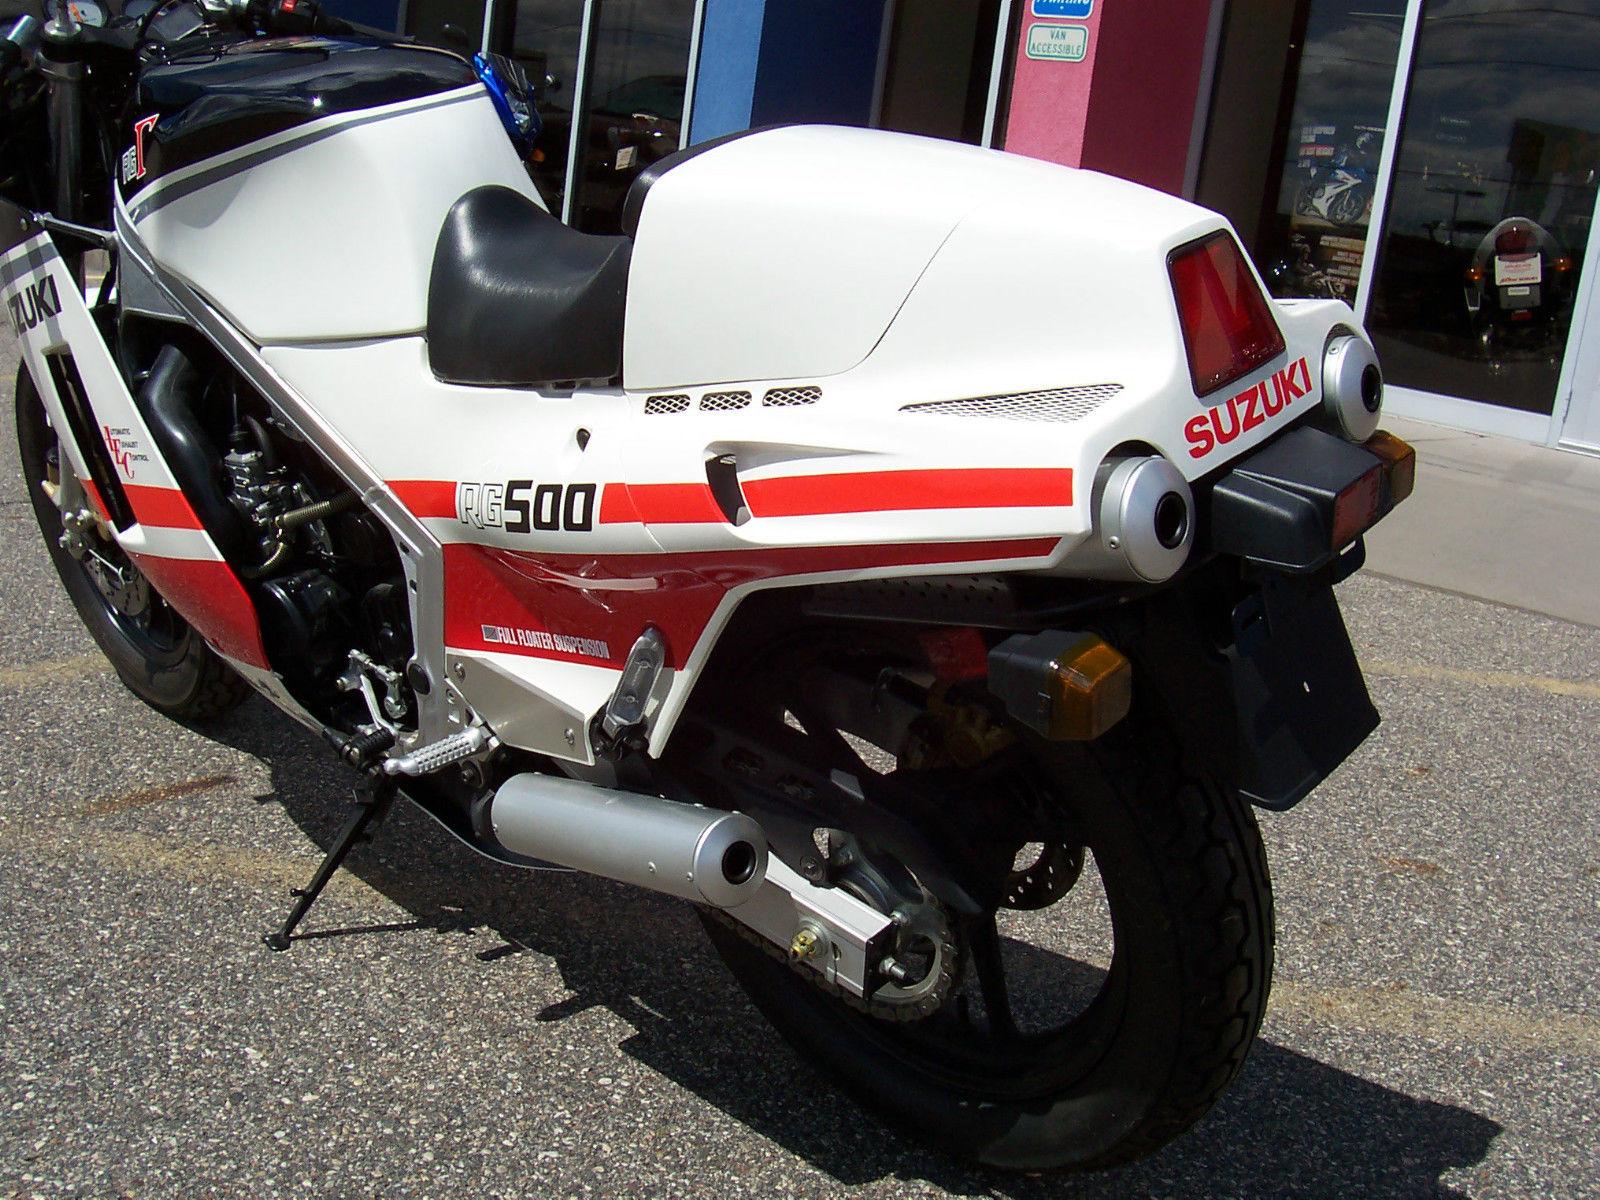 Suzuki Rg500 For Sale Suzuki Rg500 Gamma Vin